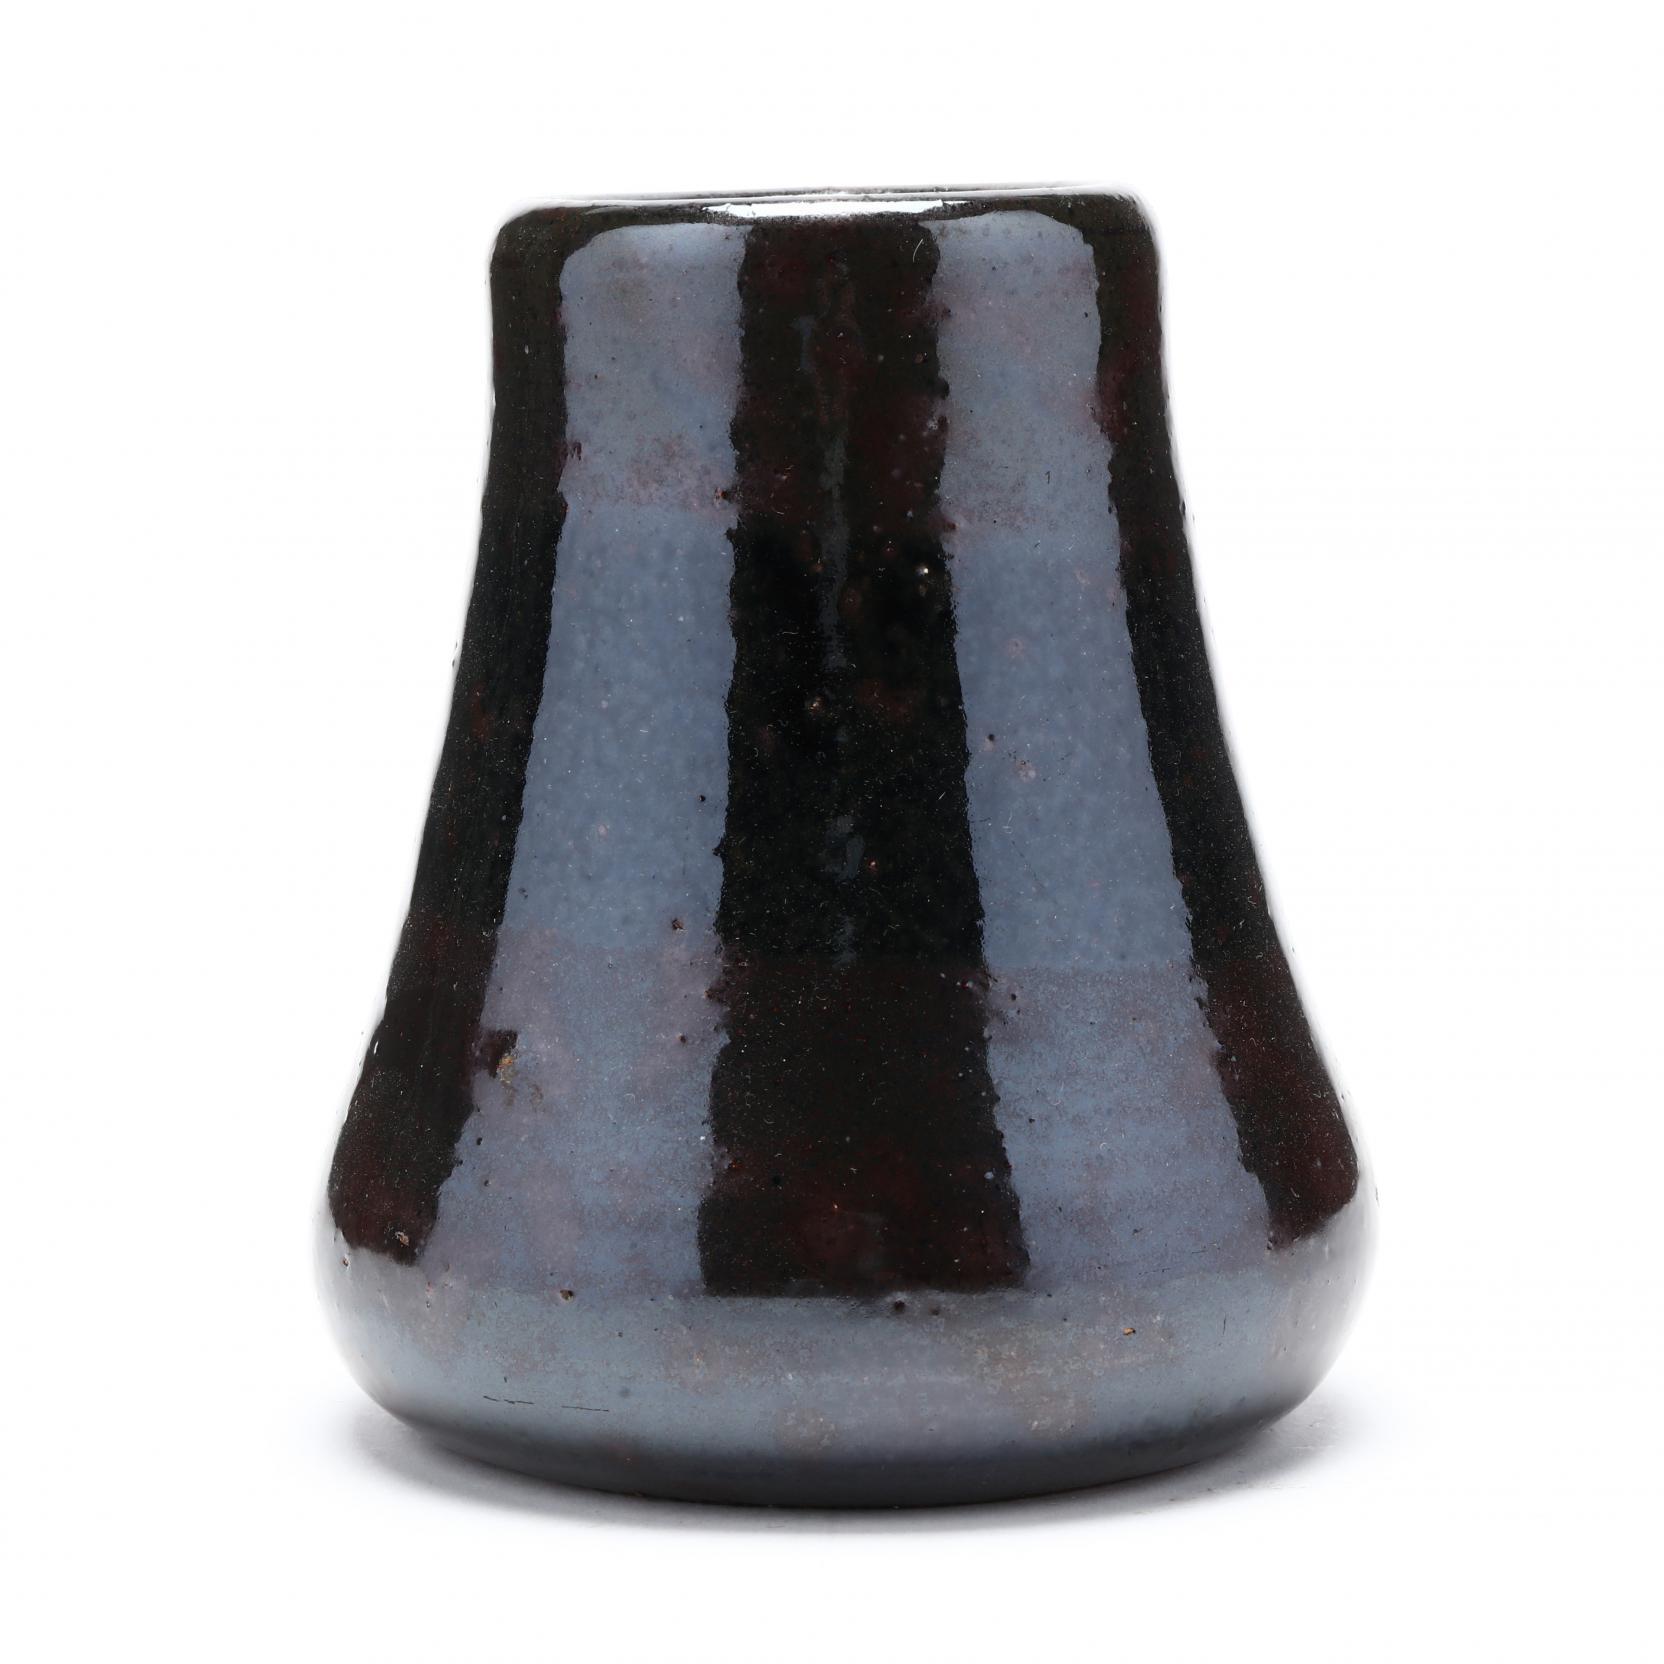 bell-form-vase-o-l-bachelder